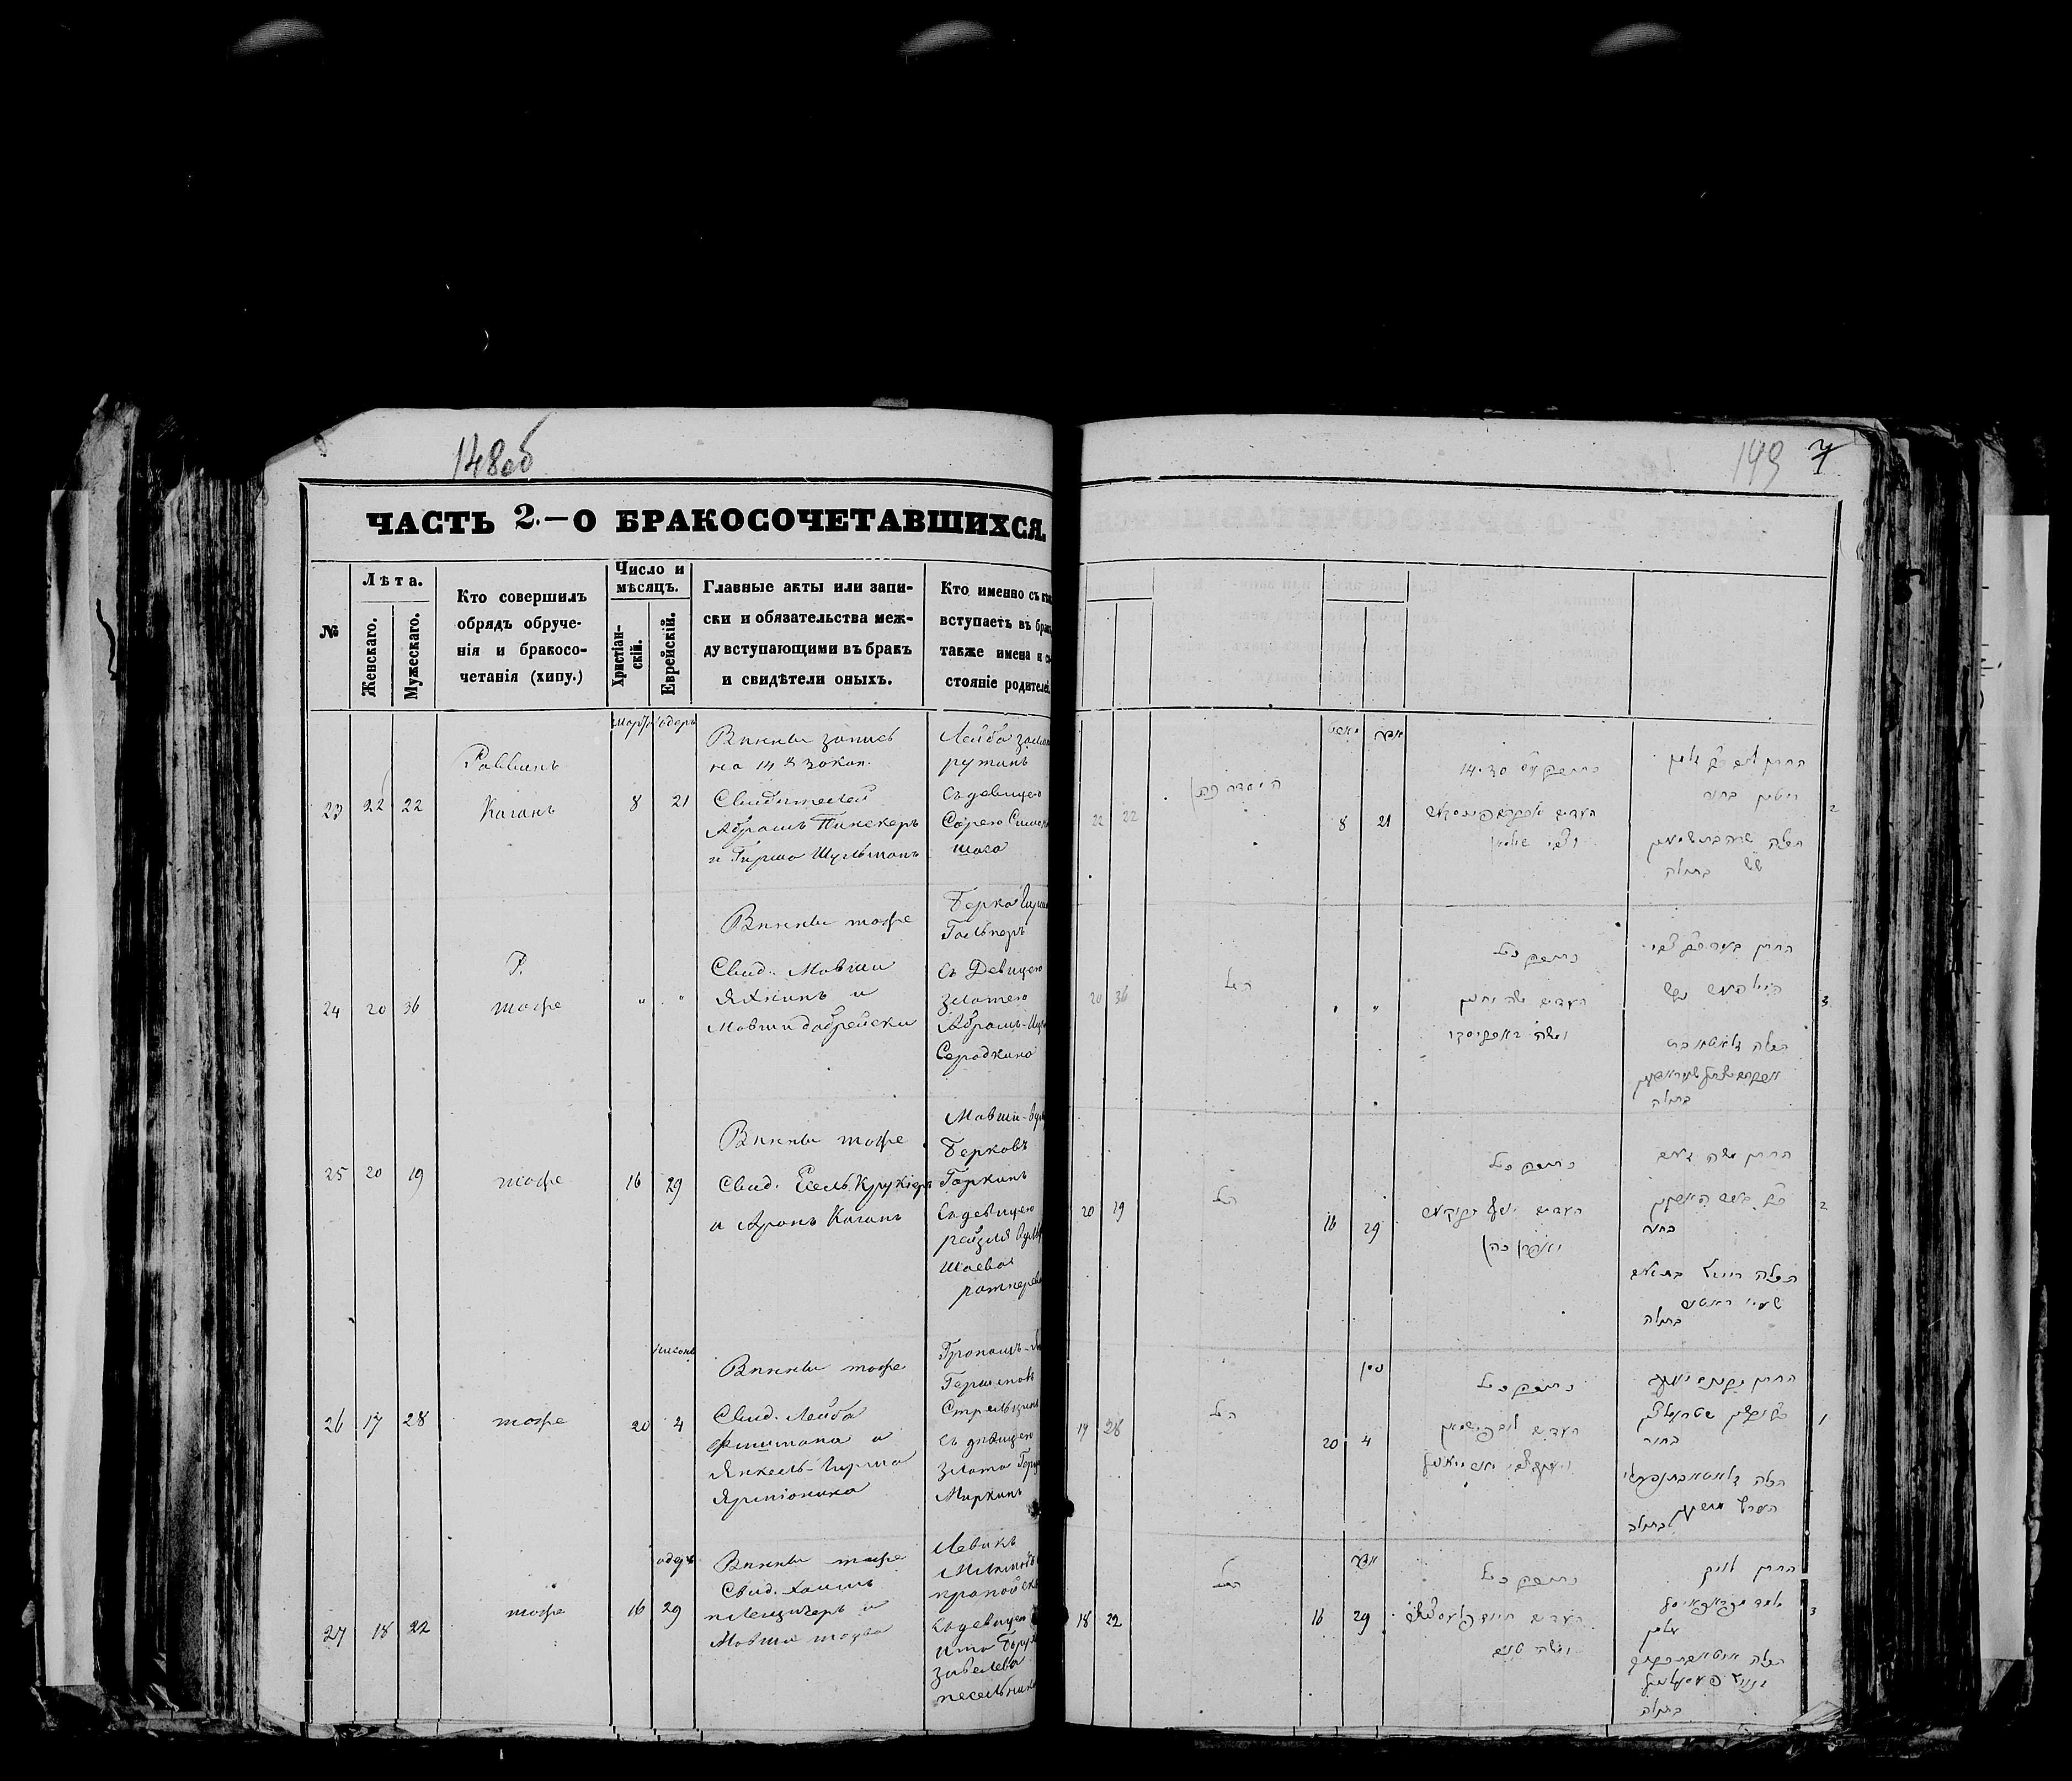 Гроним-Янкель Гершенович Стрельцын со Златой Нафтали-Герцевной Миркиной 20 марта 1873, запись 26, пленка 007766479, снимок 529